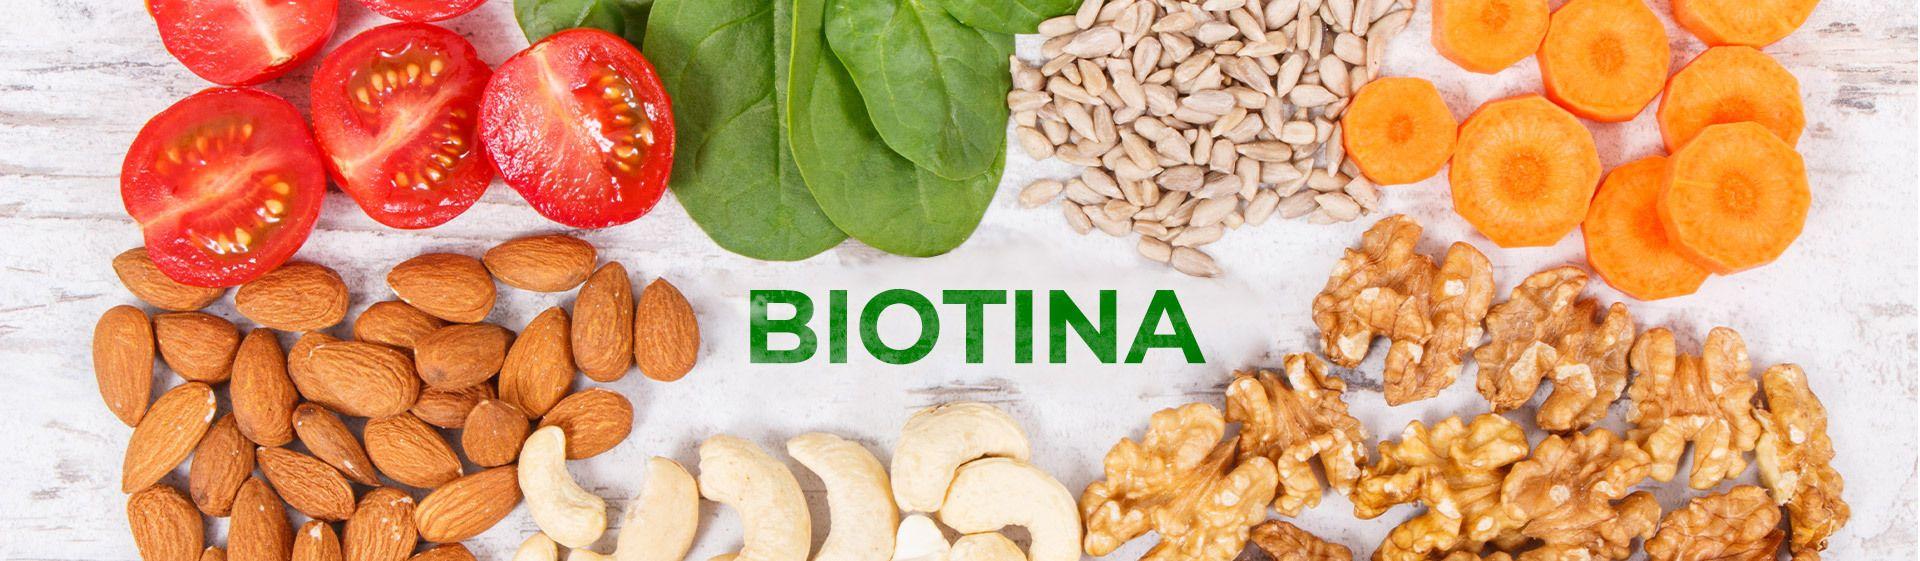 Biotina: o que é, para que serve, quais os benefícios e como tomar